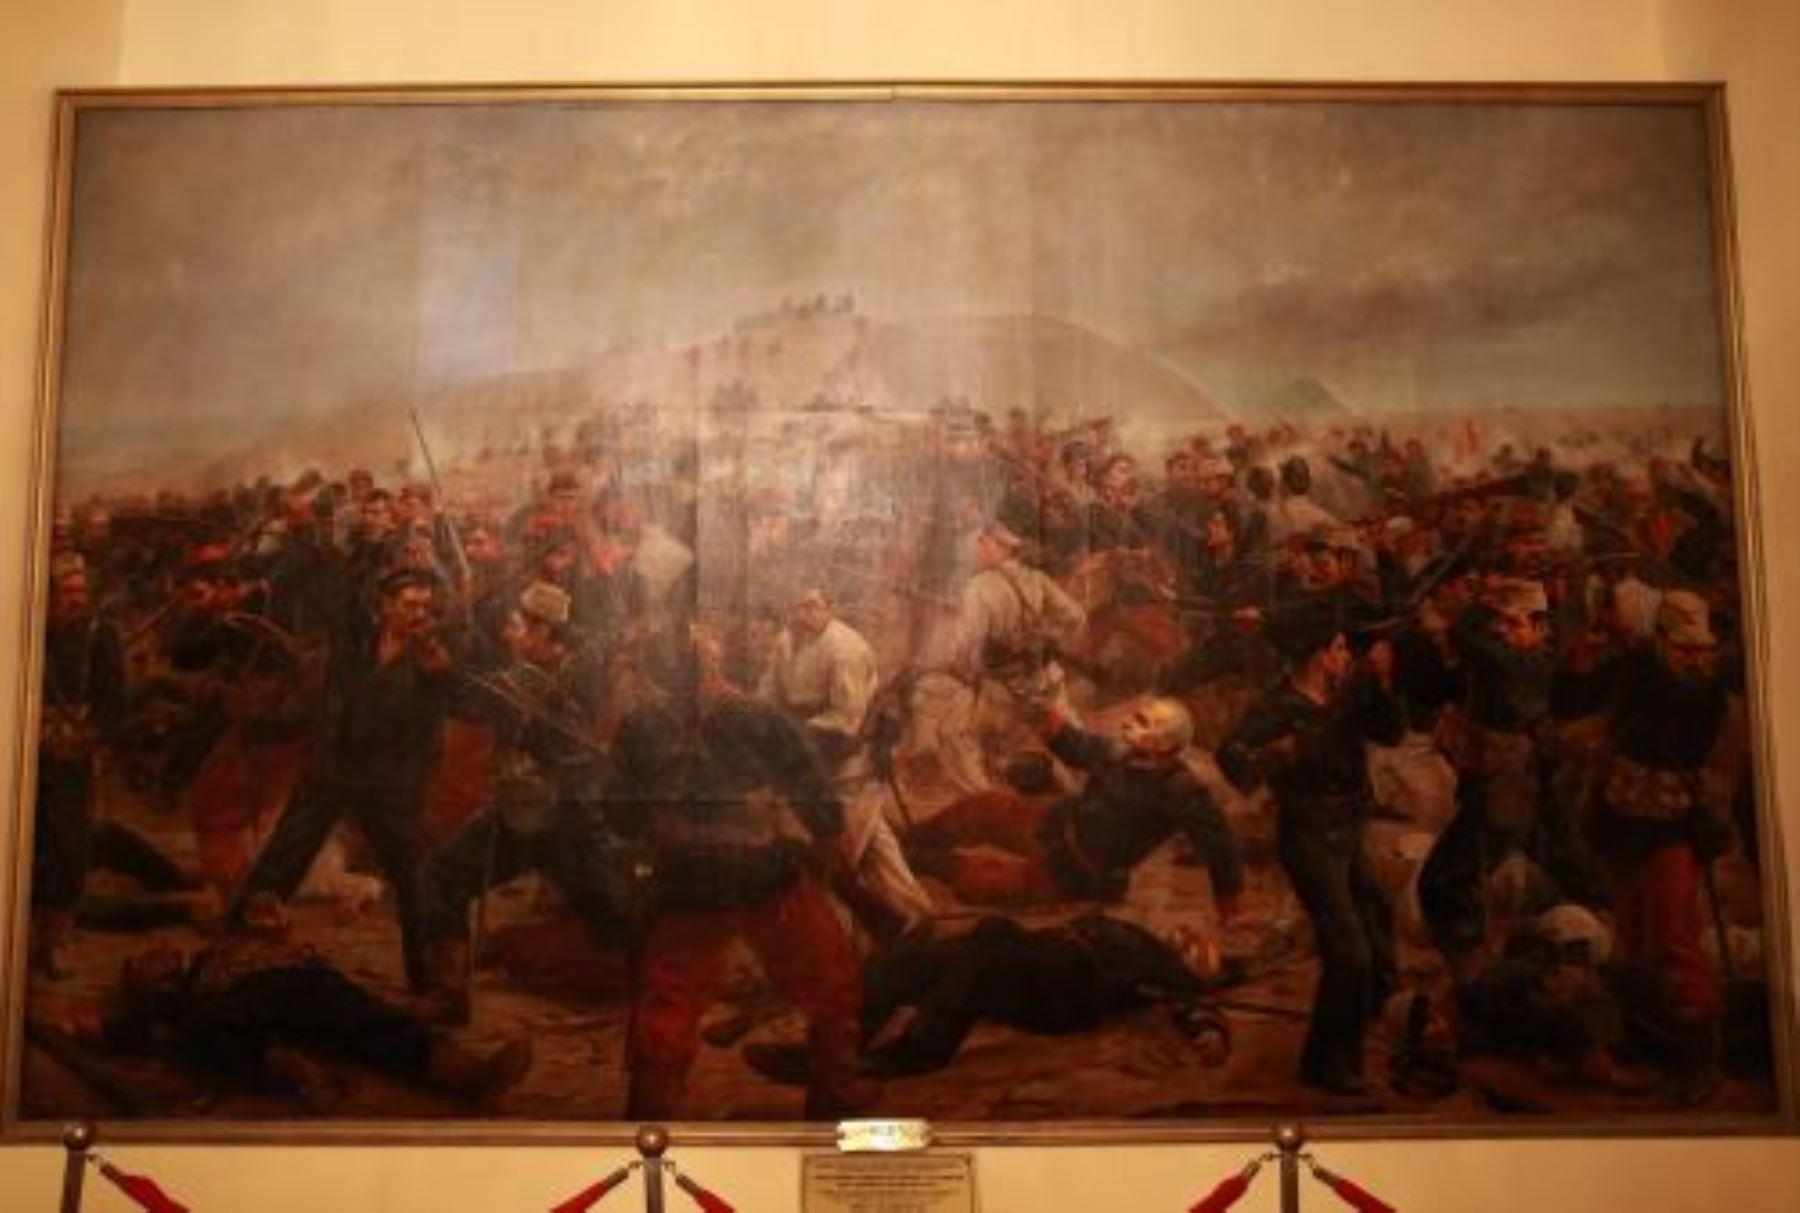 Parte de la remodelación de la morada del héroe de Arica, se encuentra también la restauración de la pintura que muestra sus últimos momentos en la batalla. .